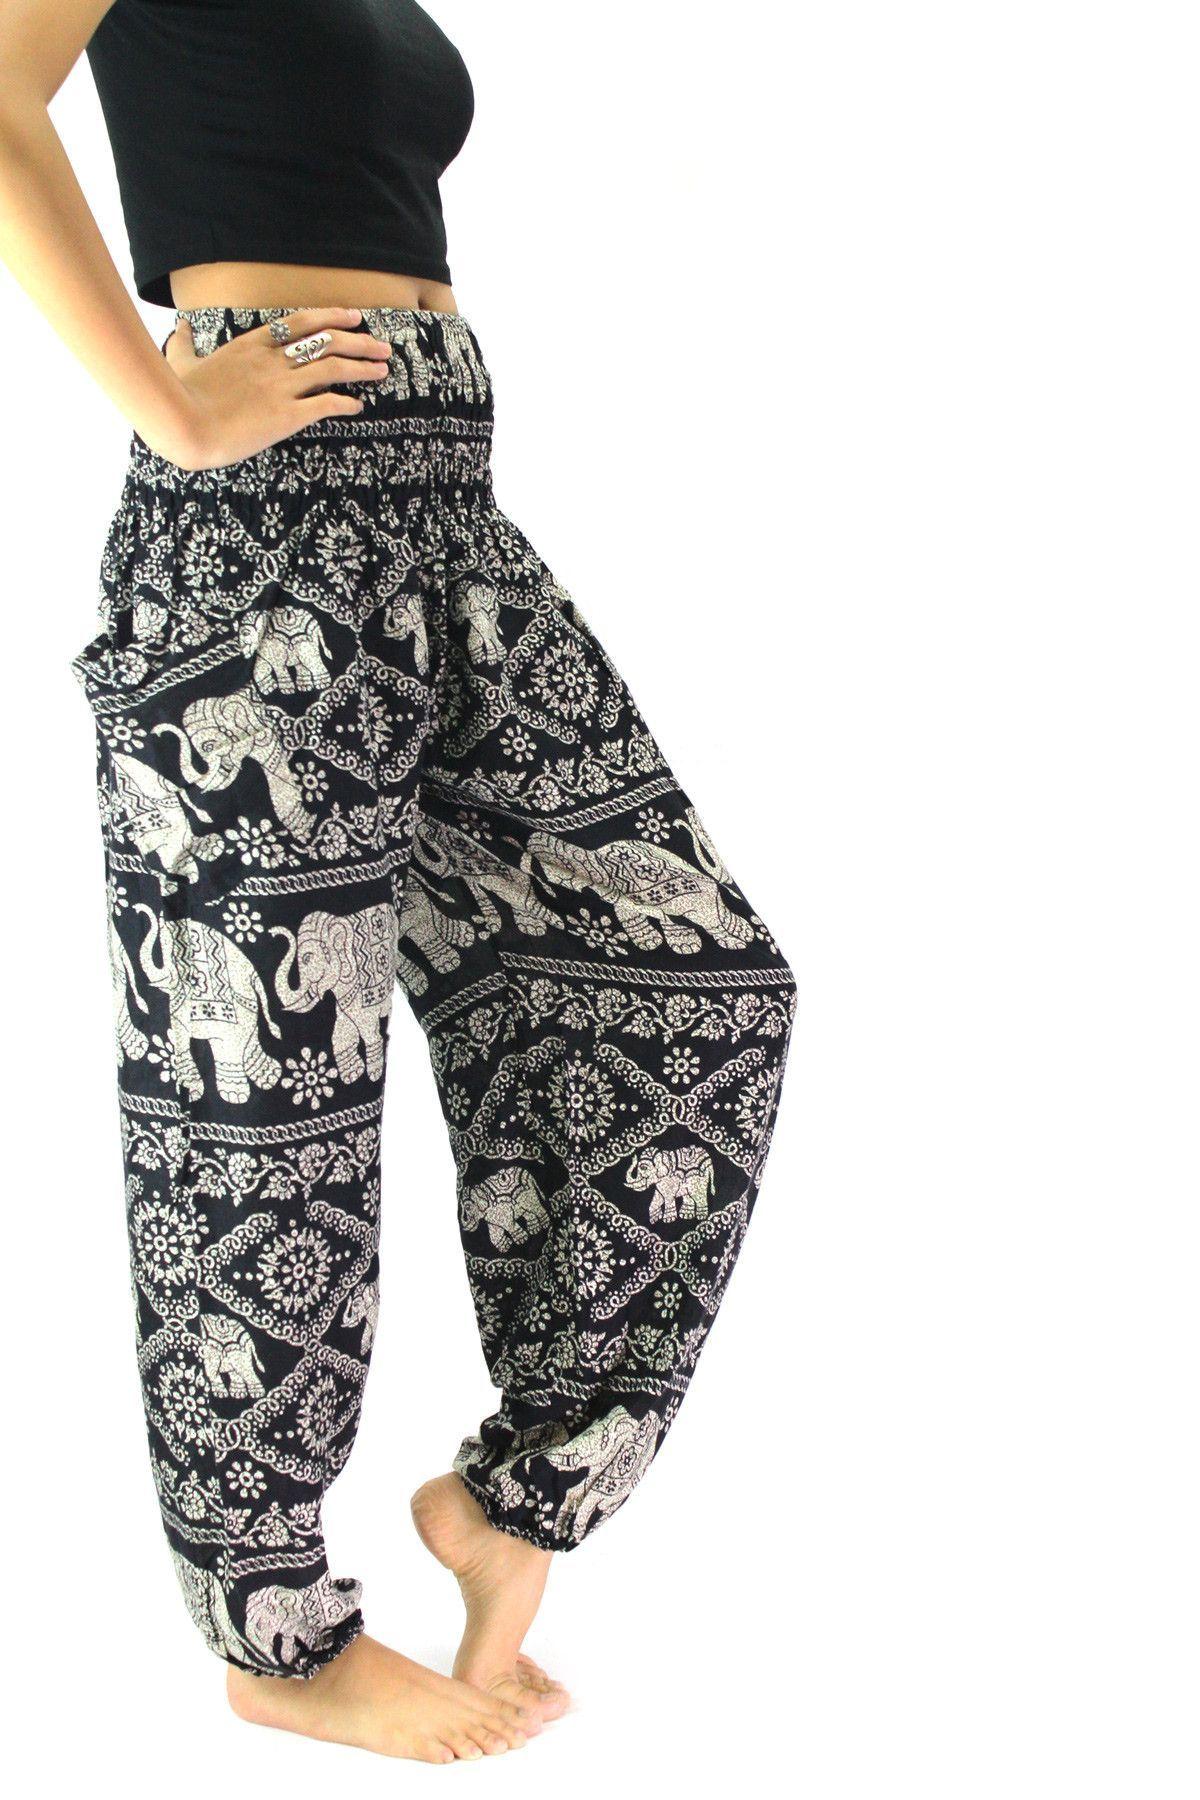 Boho Elephant Pants - Smocked Waist